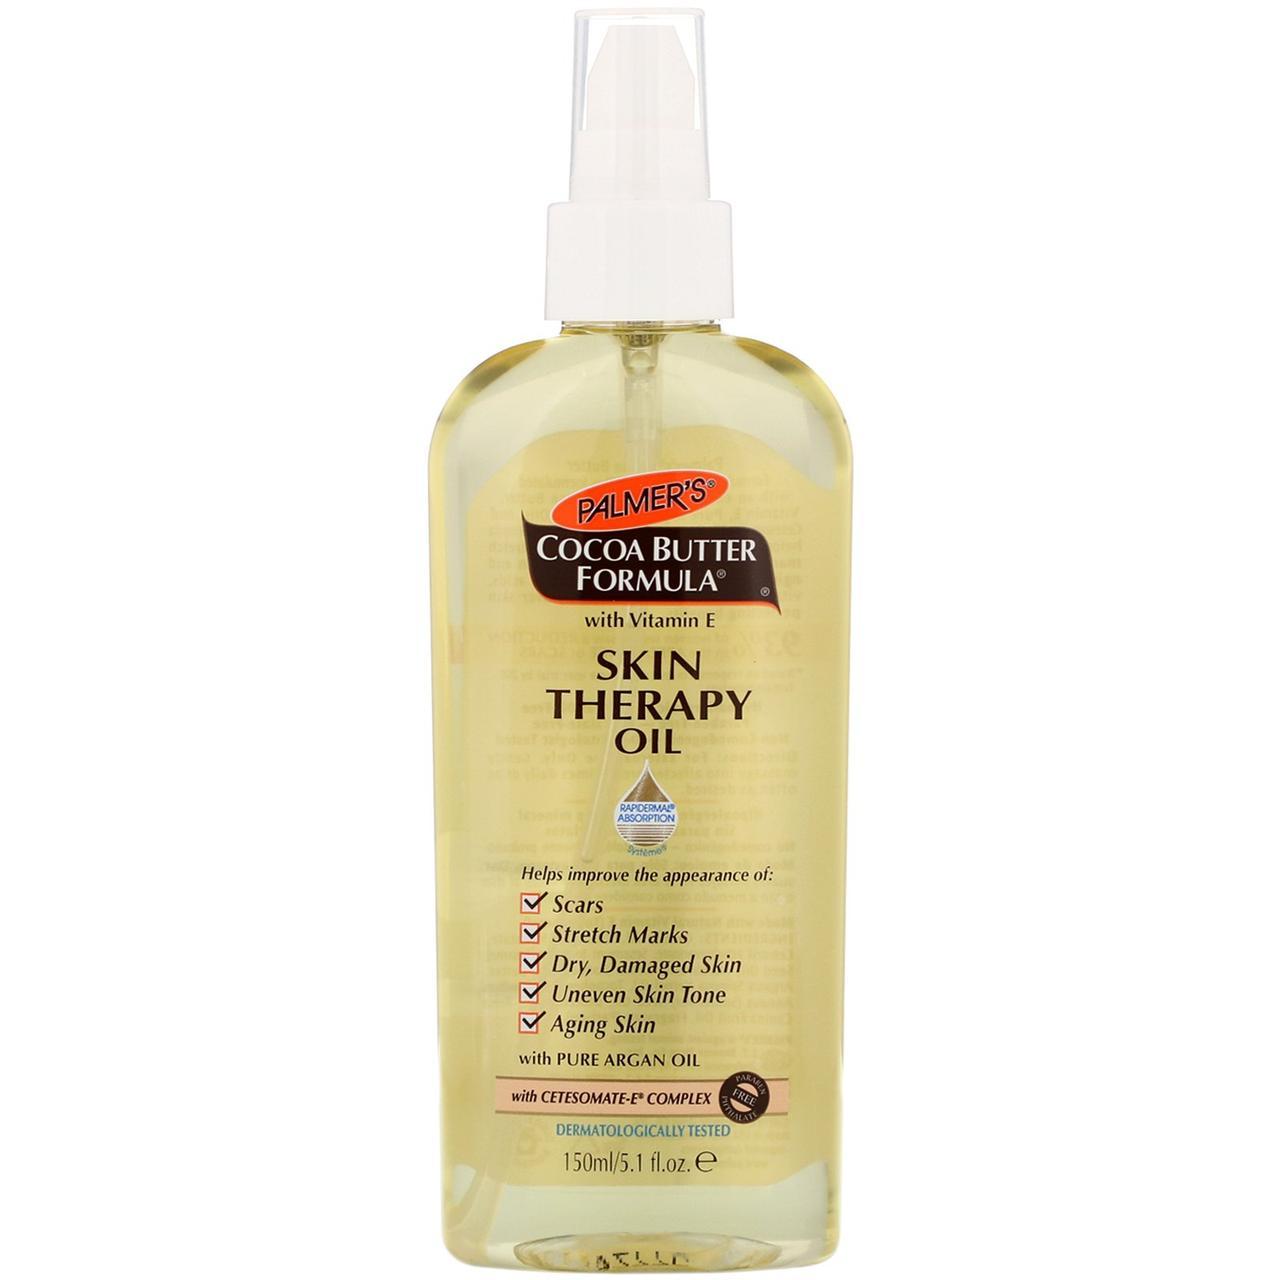 Лечебное масло для кожи с формулой с маслом какао, 150 мл, Palmer's